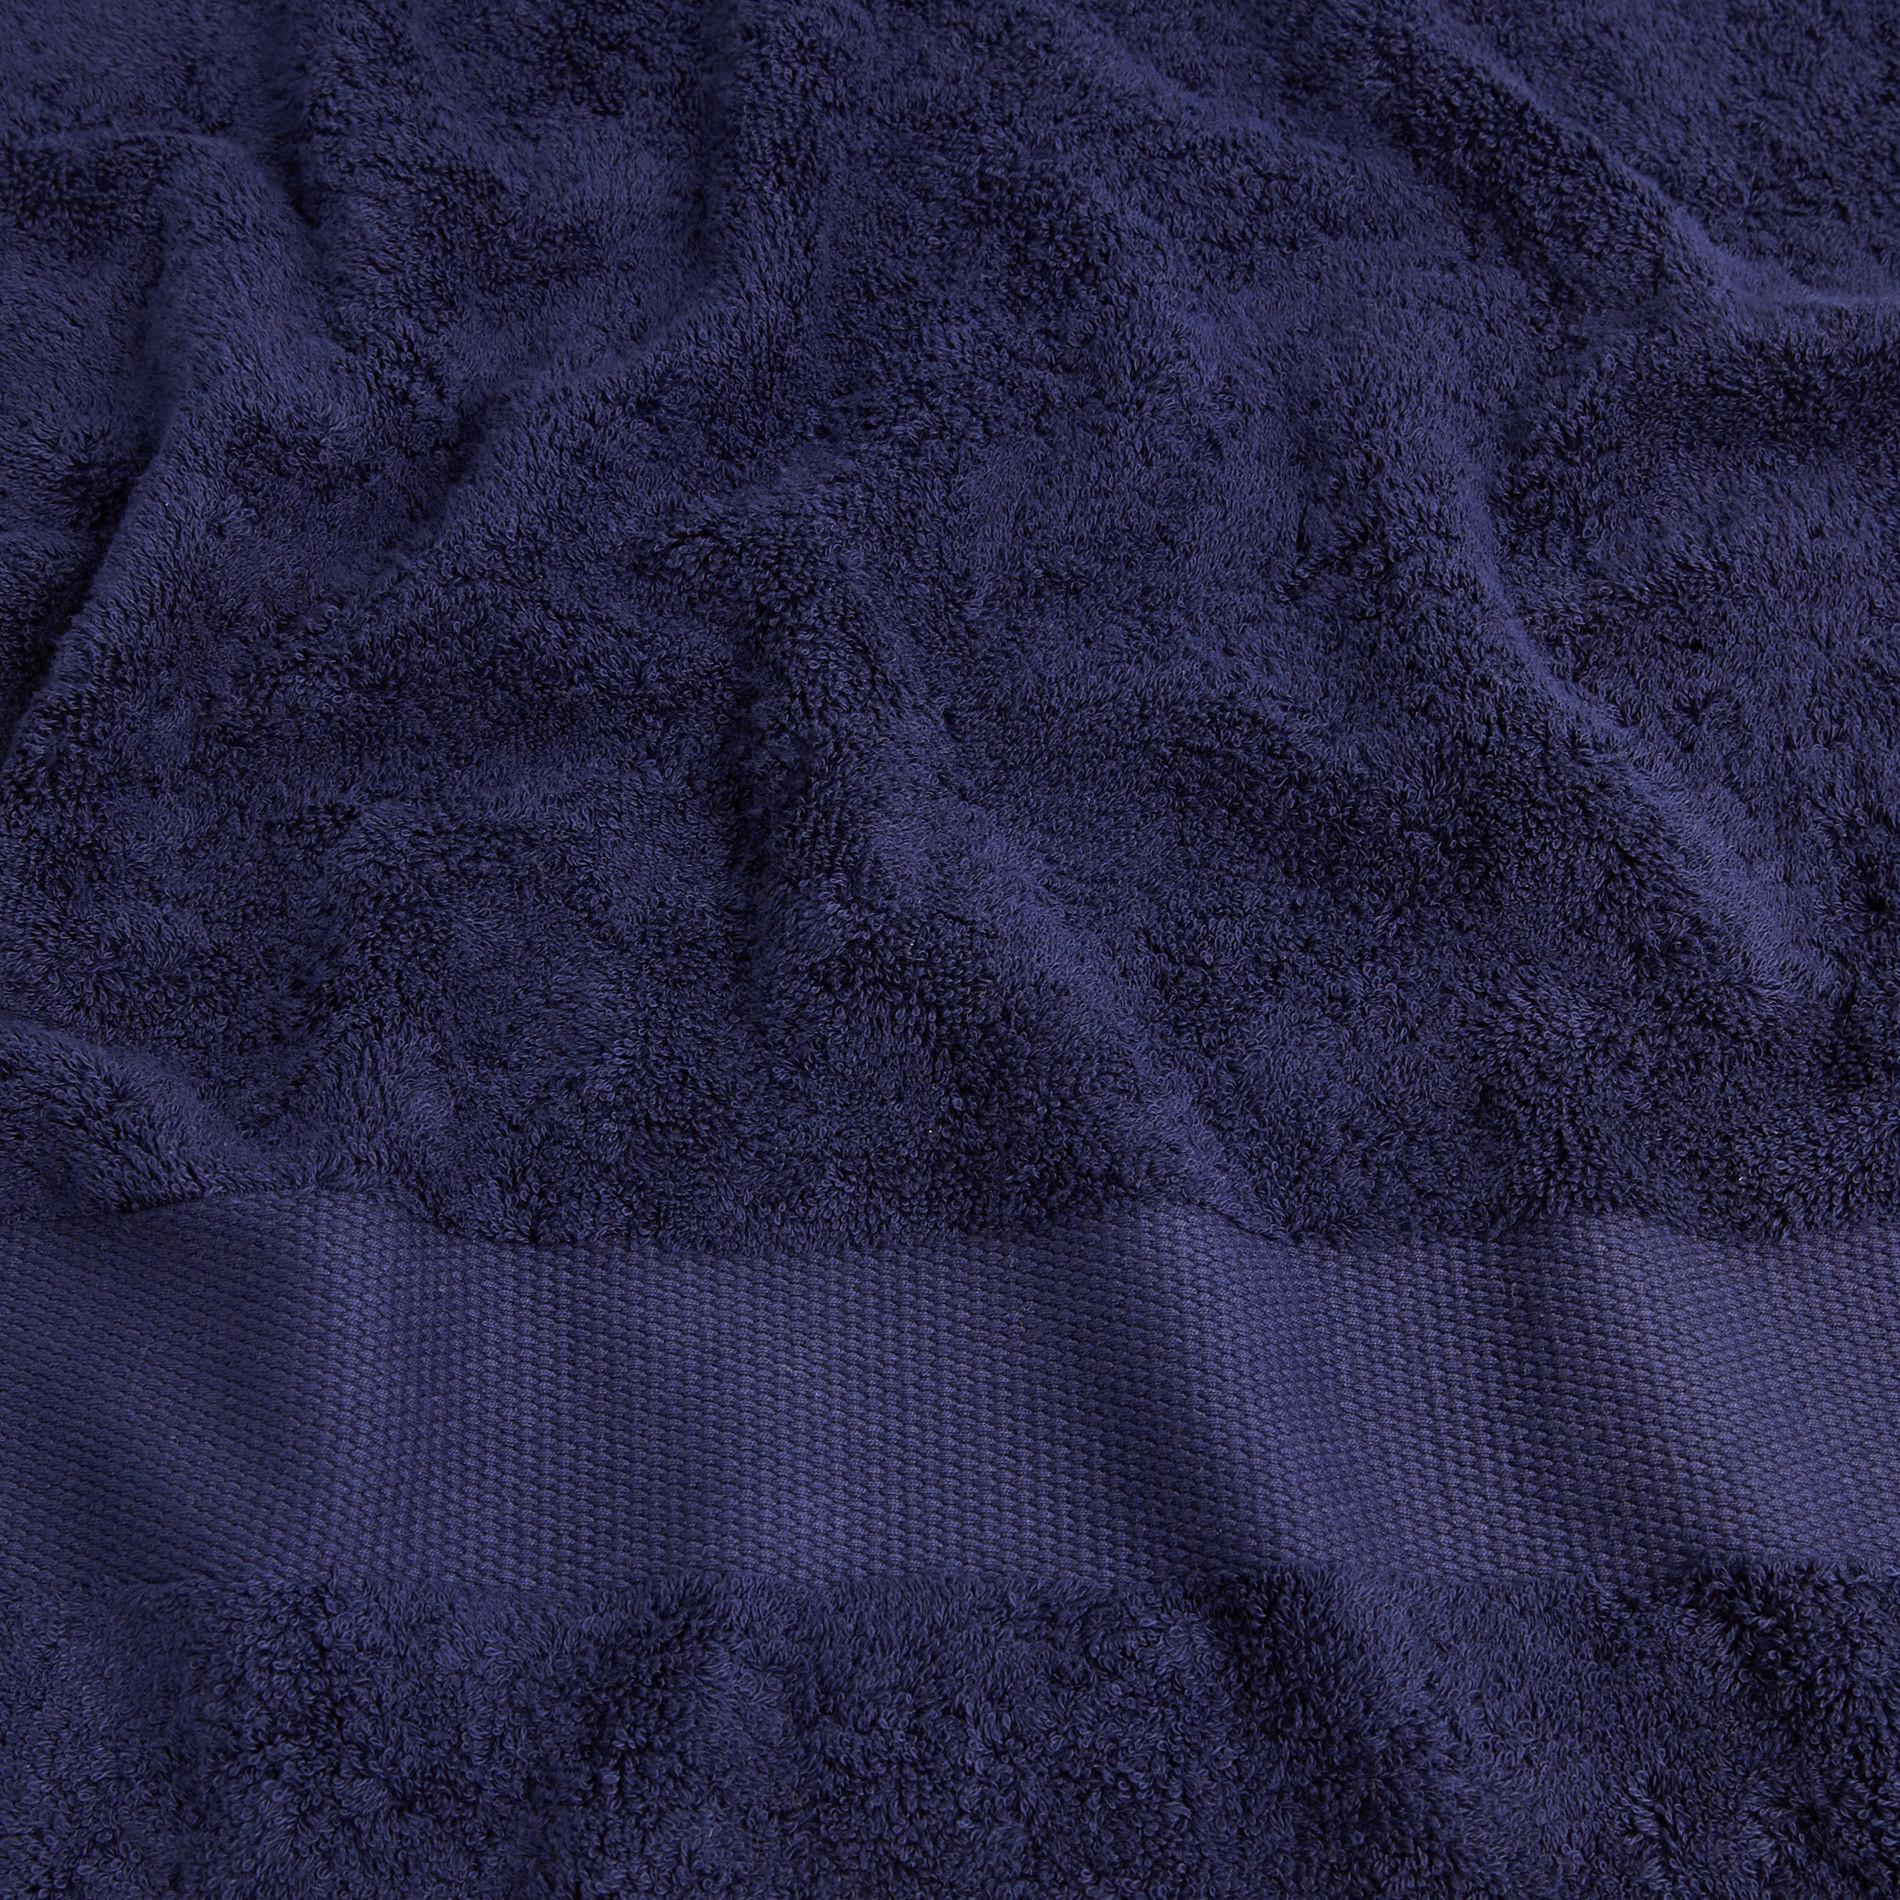 Asciugamano spugna di puro cotone Zefiro, Blu scuro, large image number 3